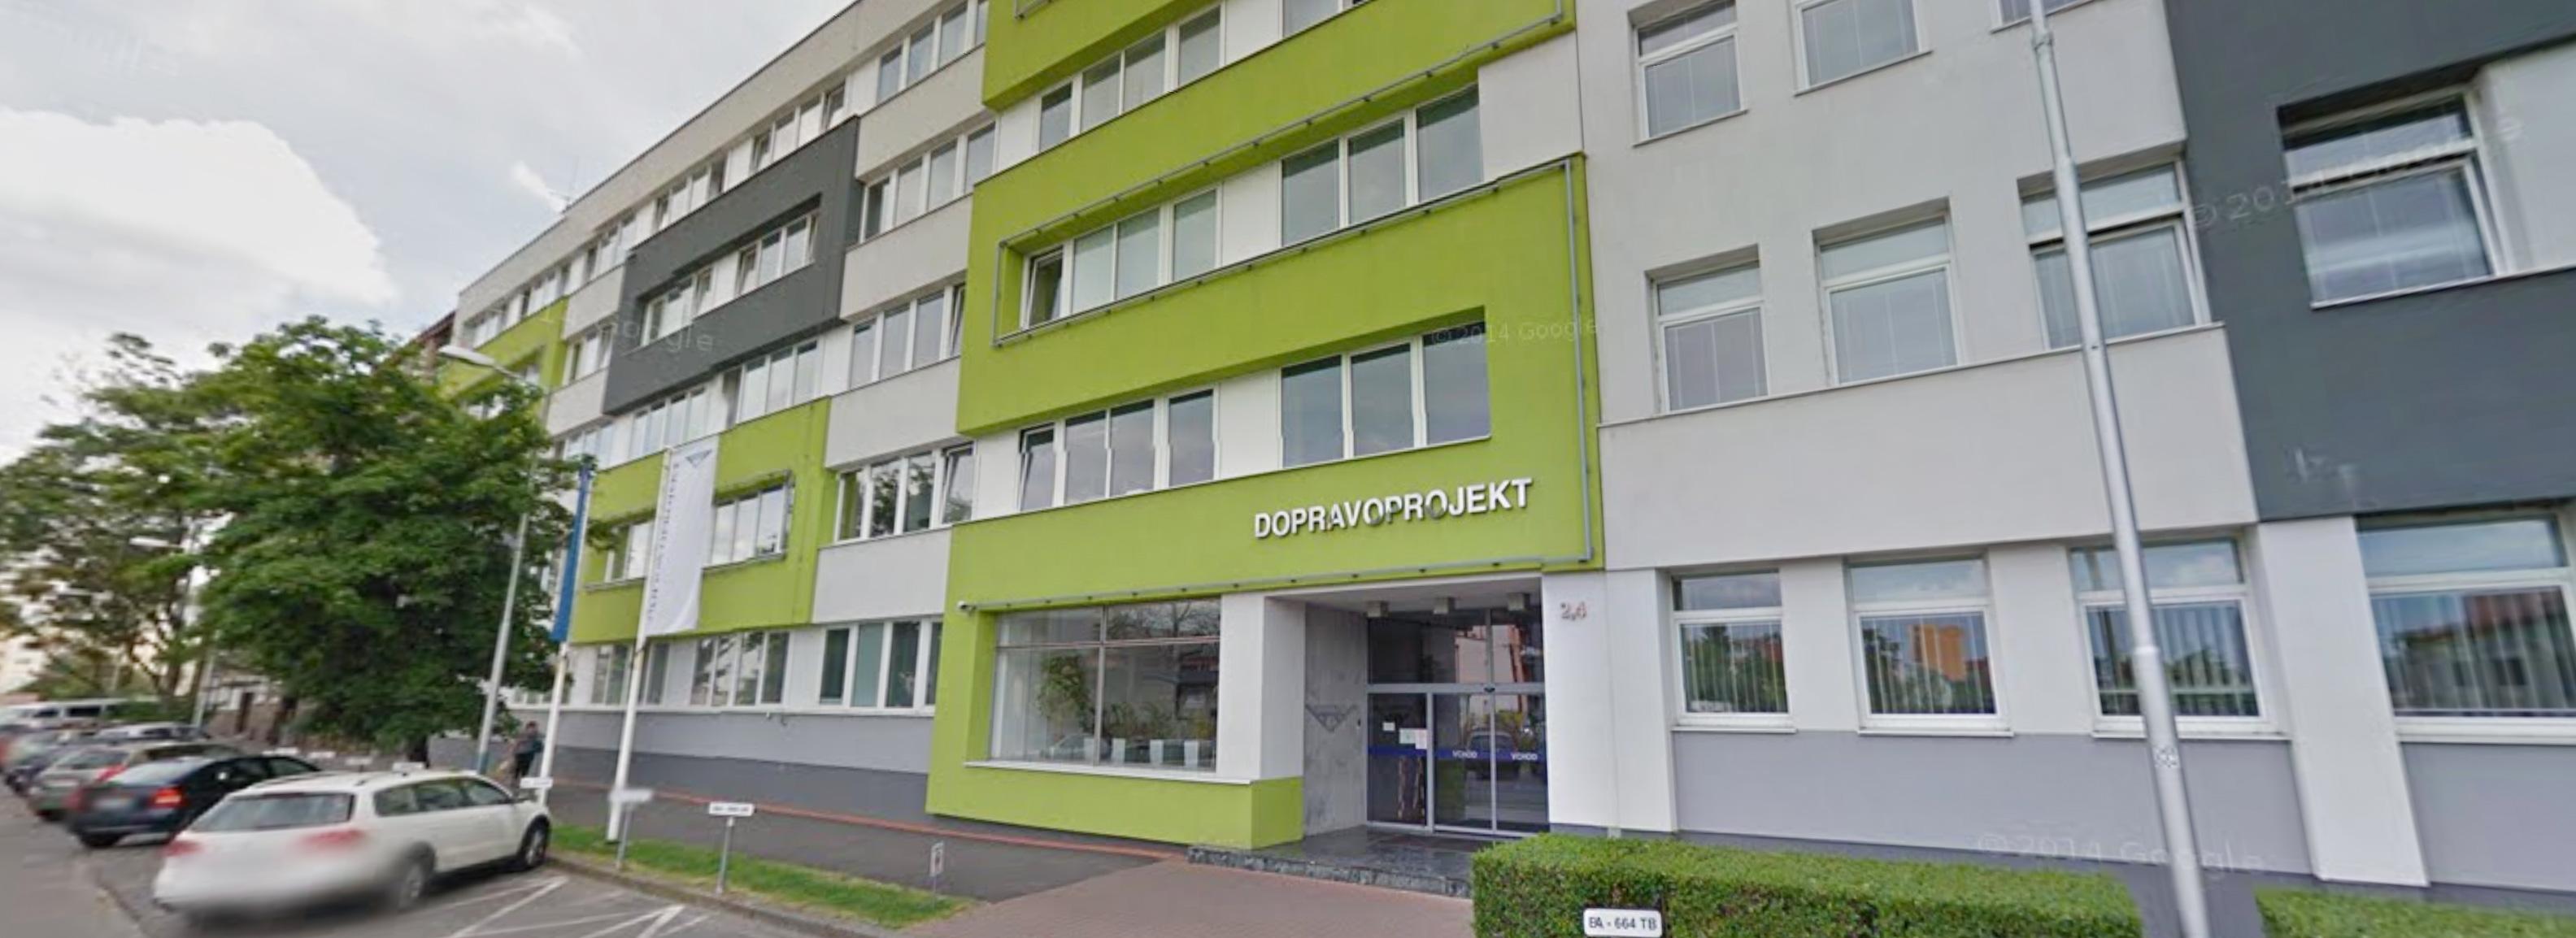 Budova IT kurzov v Bratislave